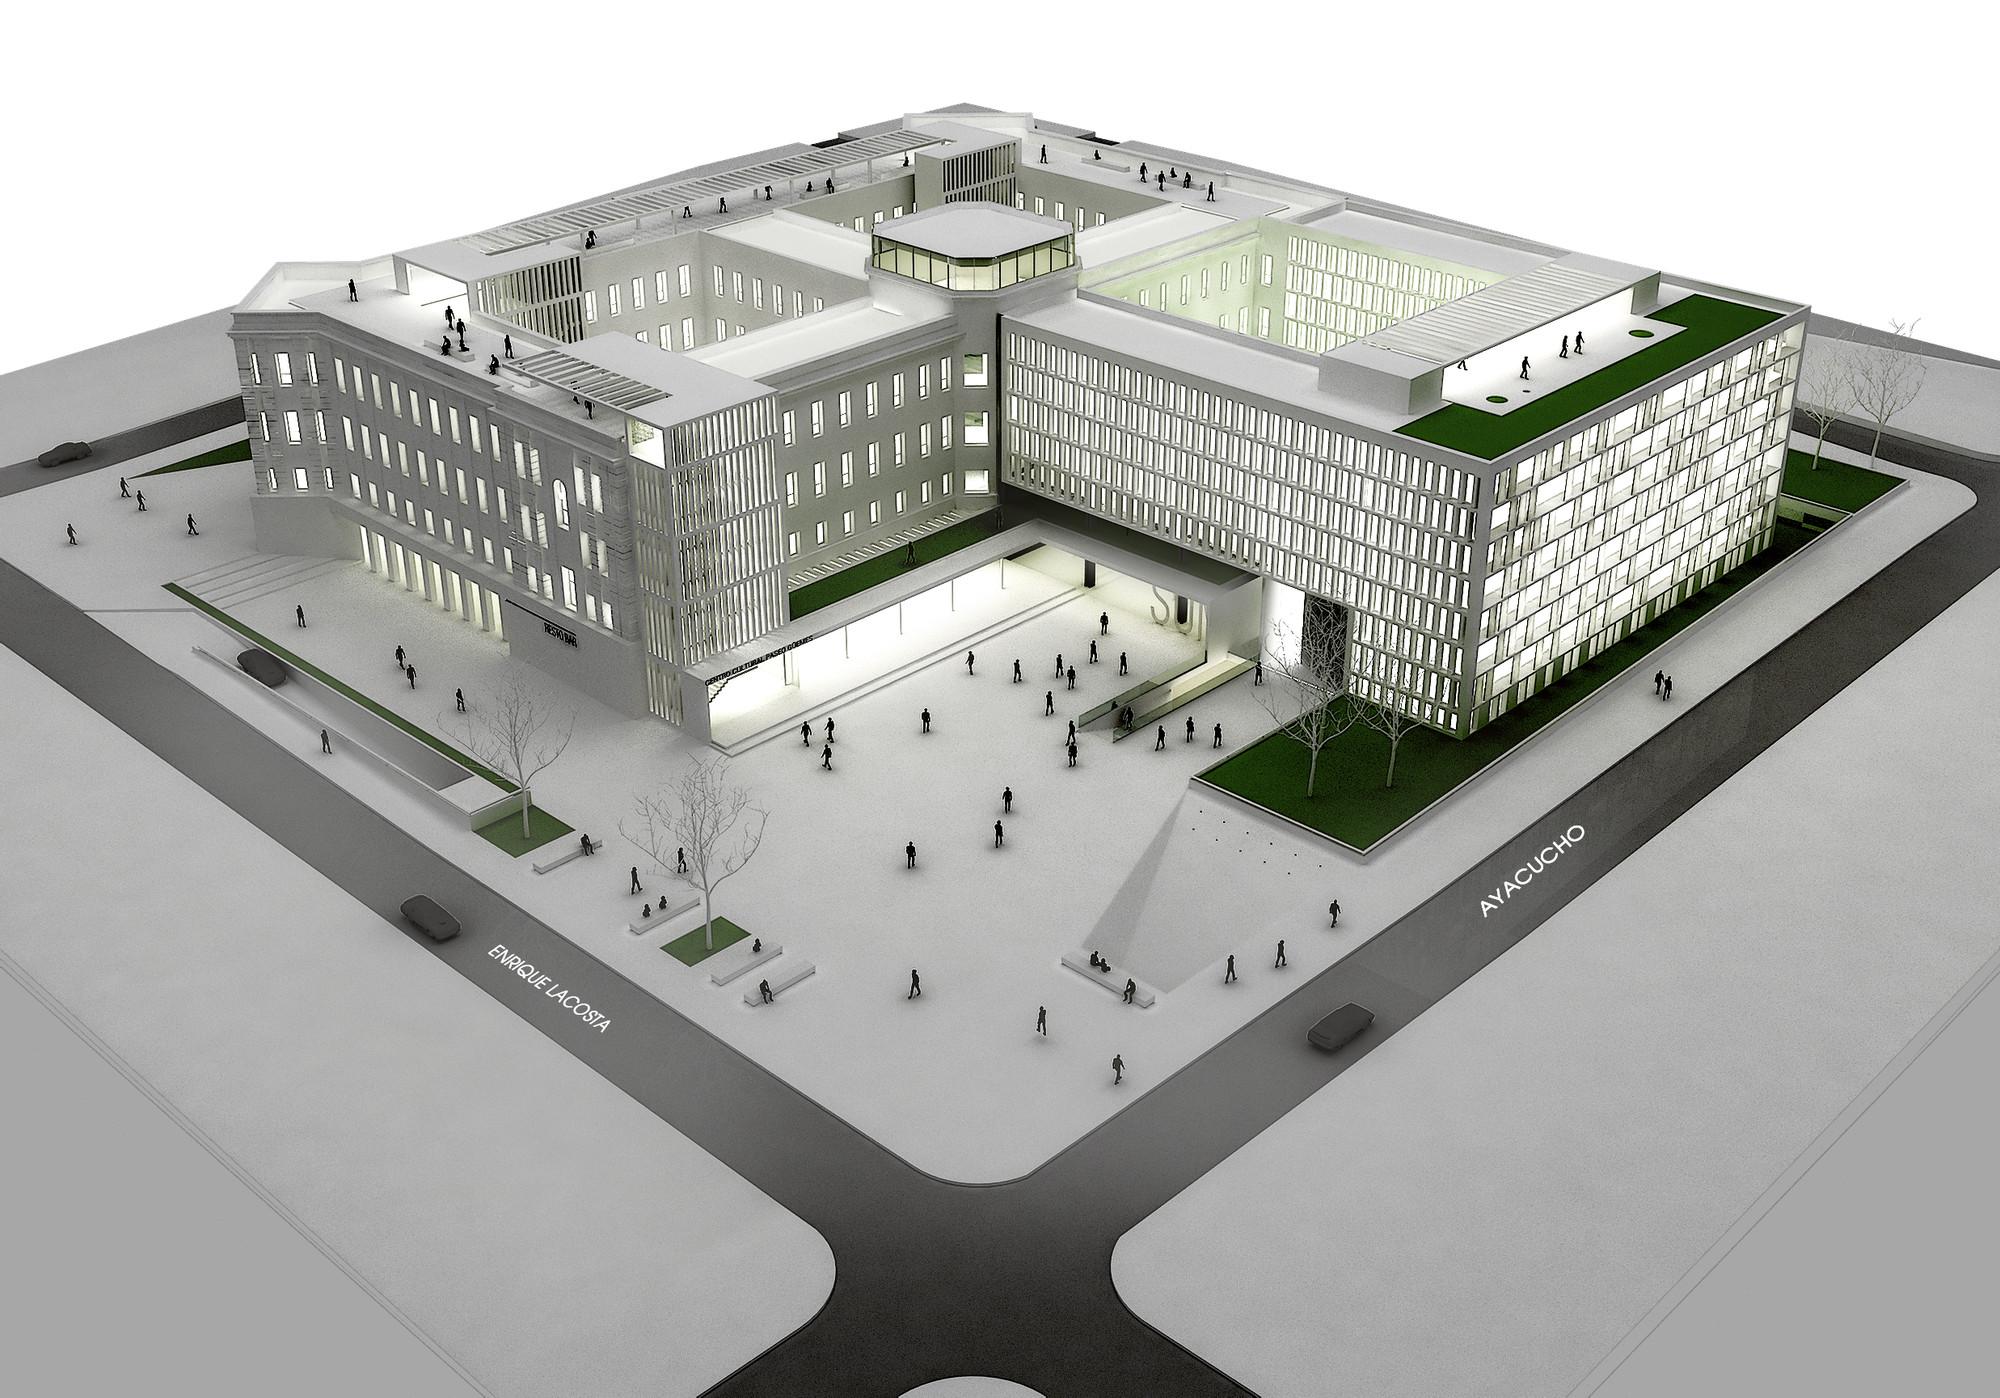 Primer Lugar en Concurso anteproyecto del centro cultural, comercial y residencial Paseo De Güemes, Cortesia de BLOS Arquitectos